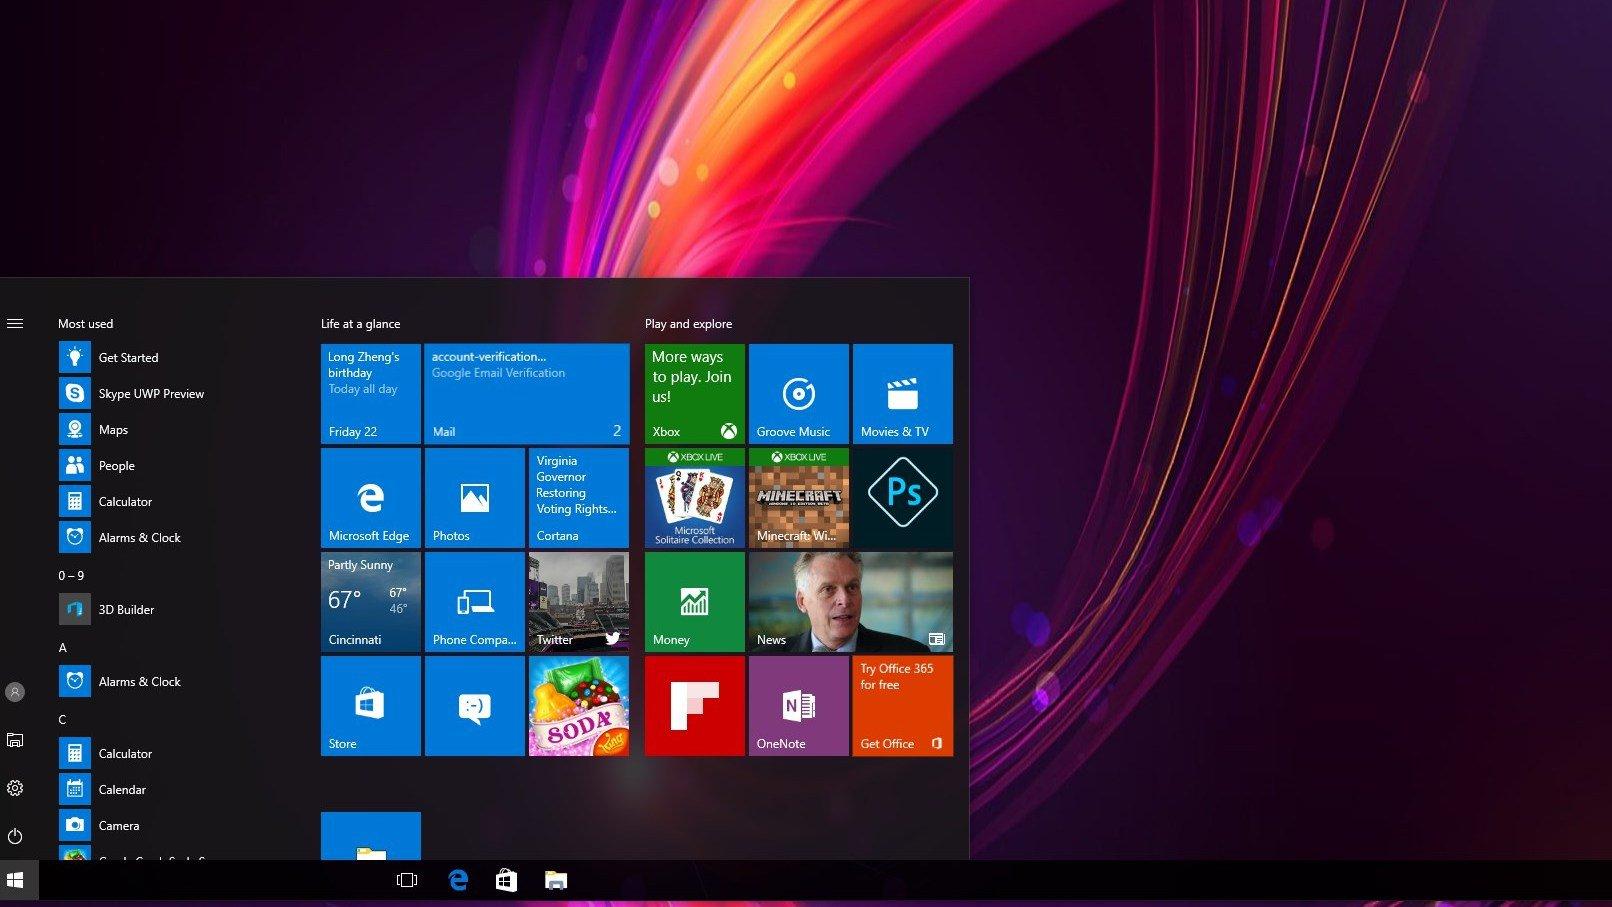 Если интересно, обновиться до «Десятки» всё ещё можно бесплатно. Говорят, для этого достаточно выставить на обновляемой системе дату 28 июля. Никто не знает, как долго Microsoft эту лазейку сохранит. Но принимая во внимание весьма скромные успехи Windows 10 по завоеванию аудитории, можно предполагать, что долго.